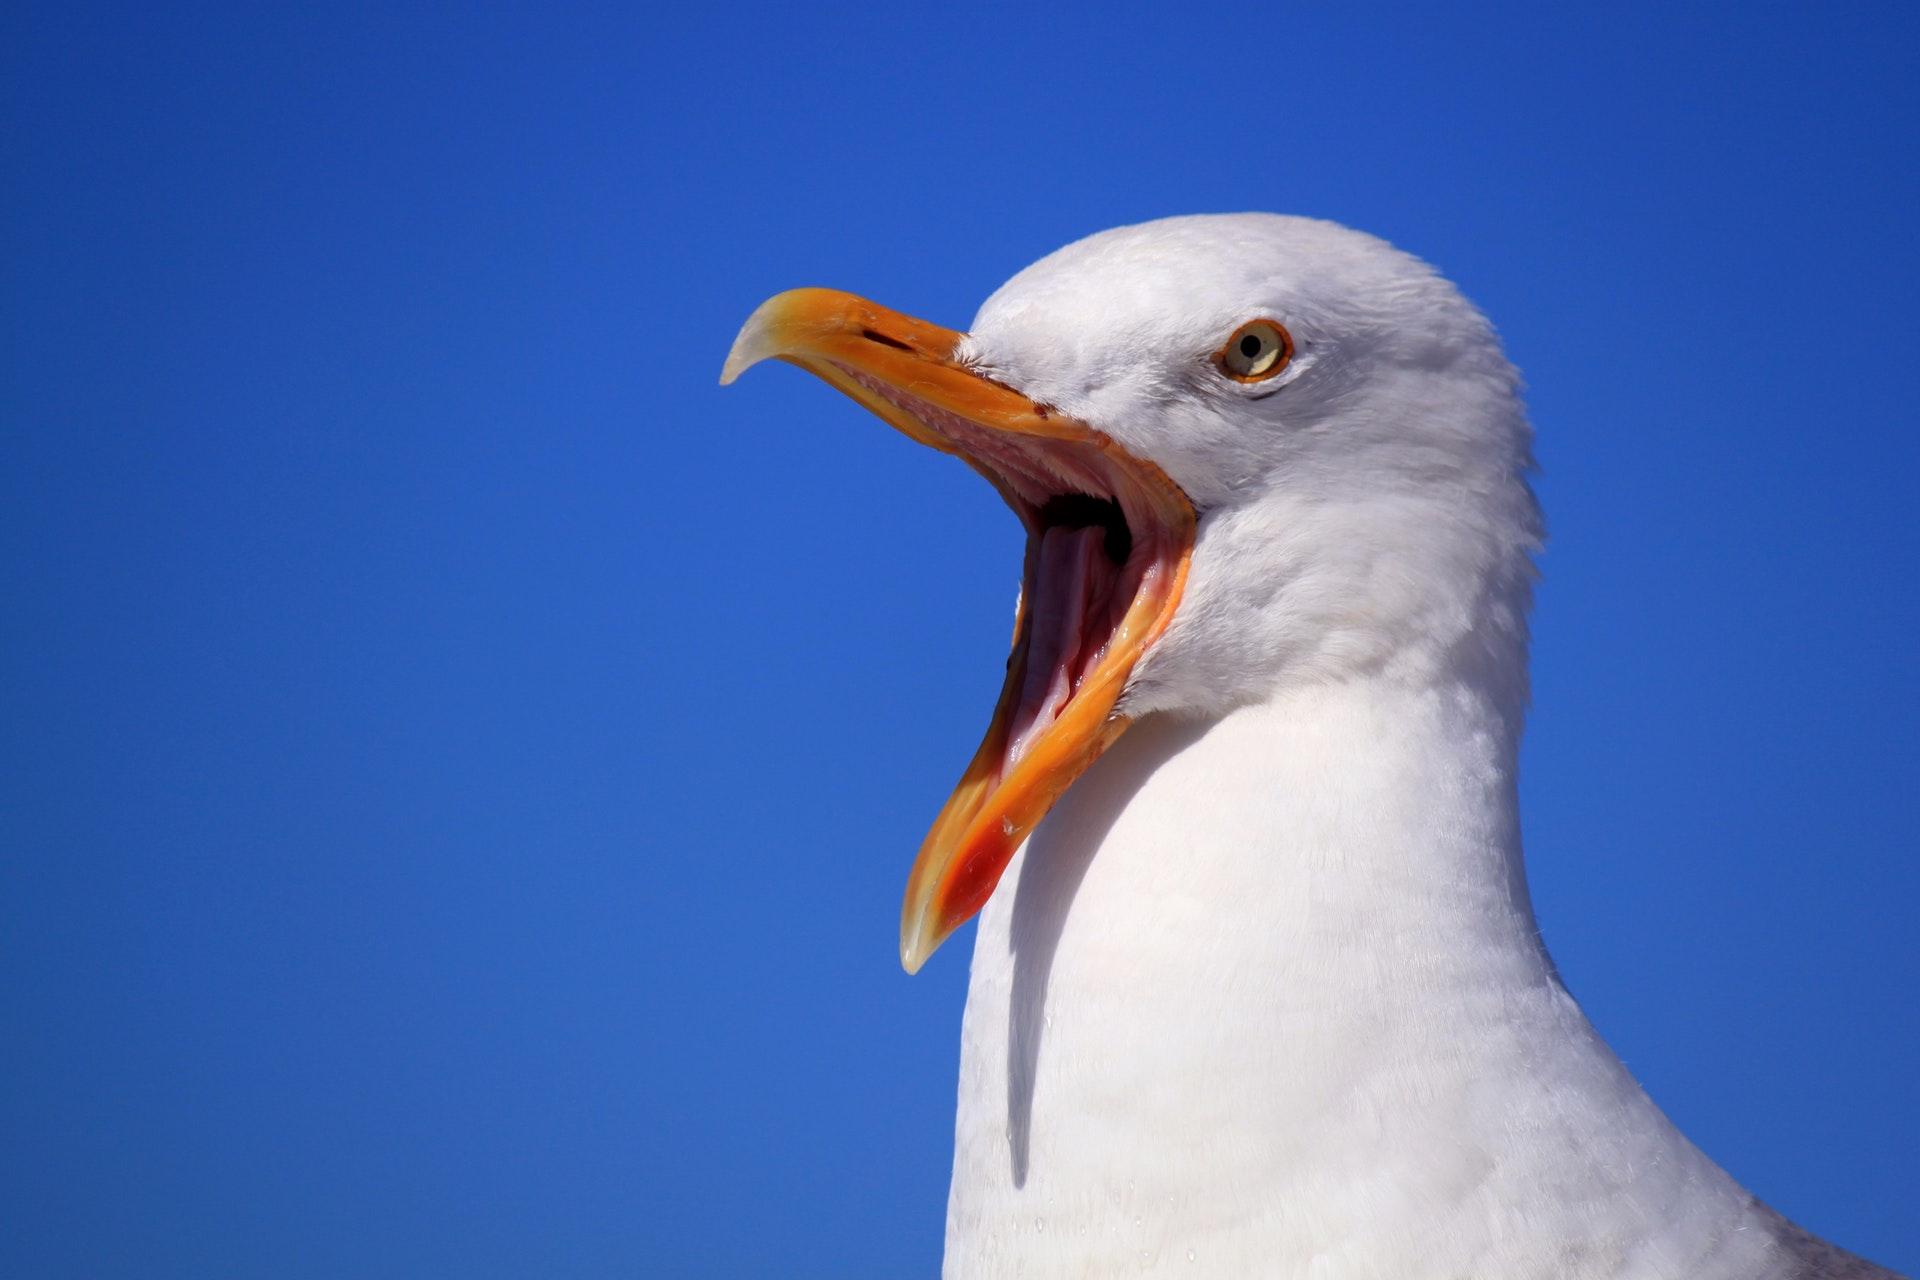 Sonhar com gaivota gigante é sinal de insegurança.